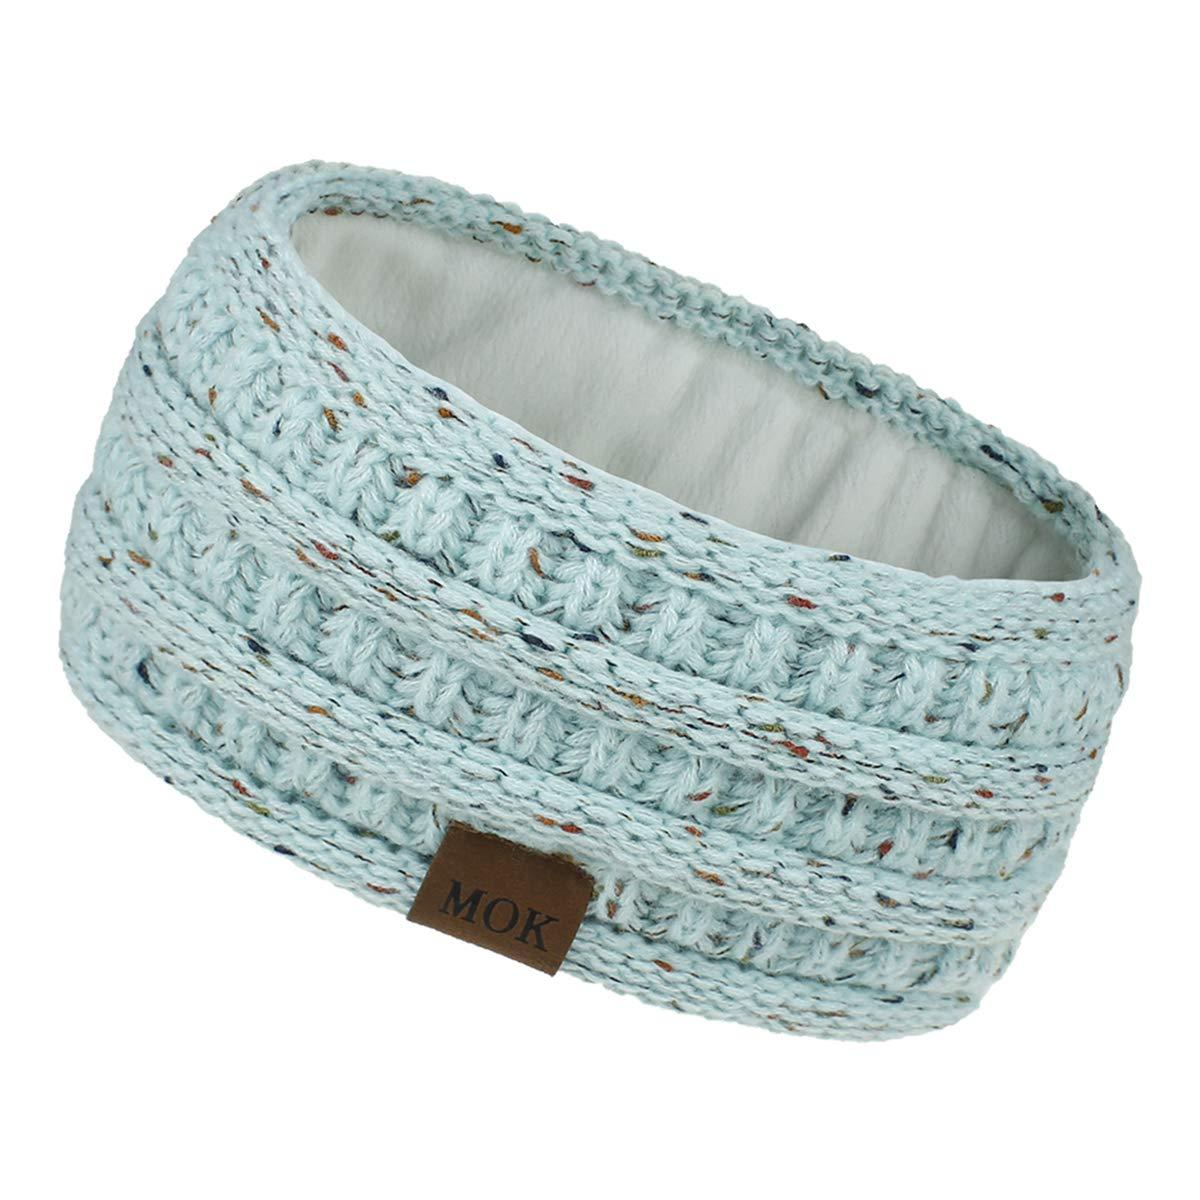 FAMKIT Warm Headband Knit Fleece Lined Winter Ear Warmer Headband